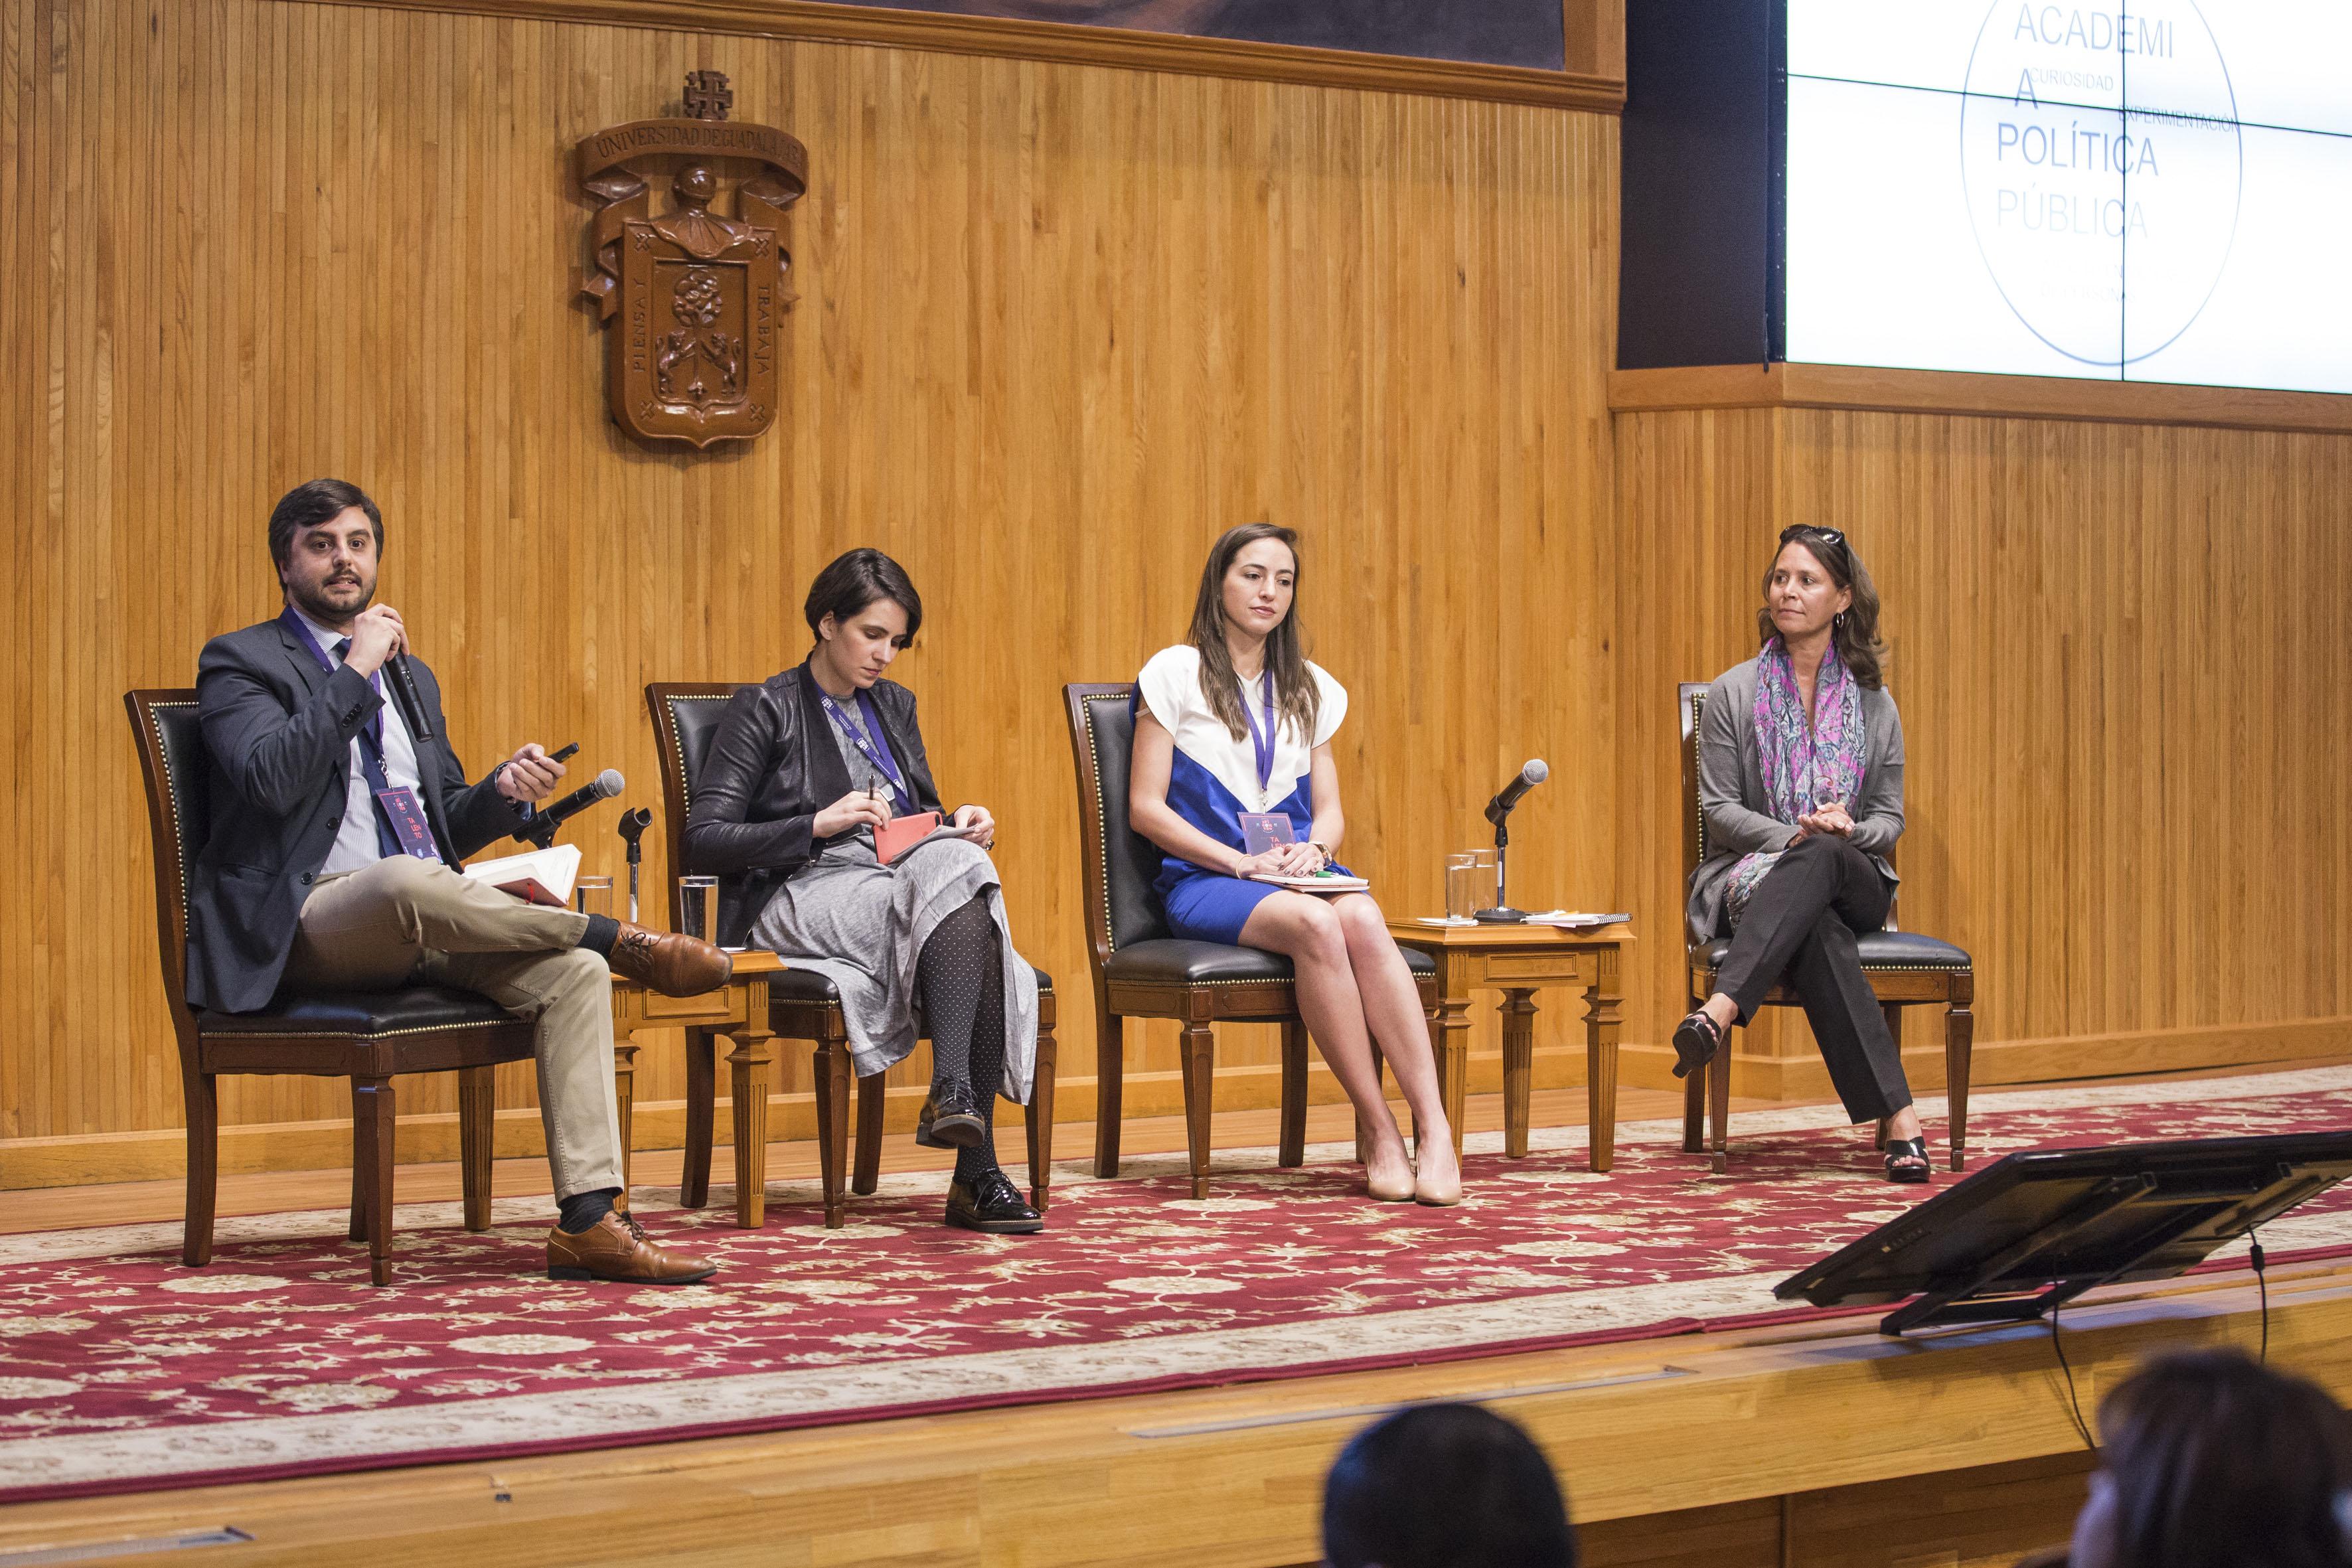 Panelistas participando  en la inauguración del III Encuentro Latinoamericano de Innovación Social desde el Sector Público (ELIS) 2017, en el Paraninfo Enrique Díaz de León de la UdeG.